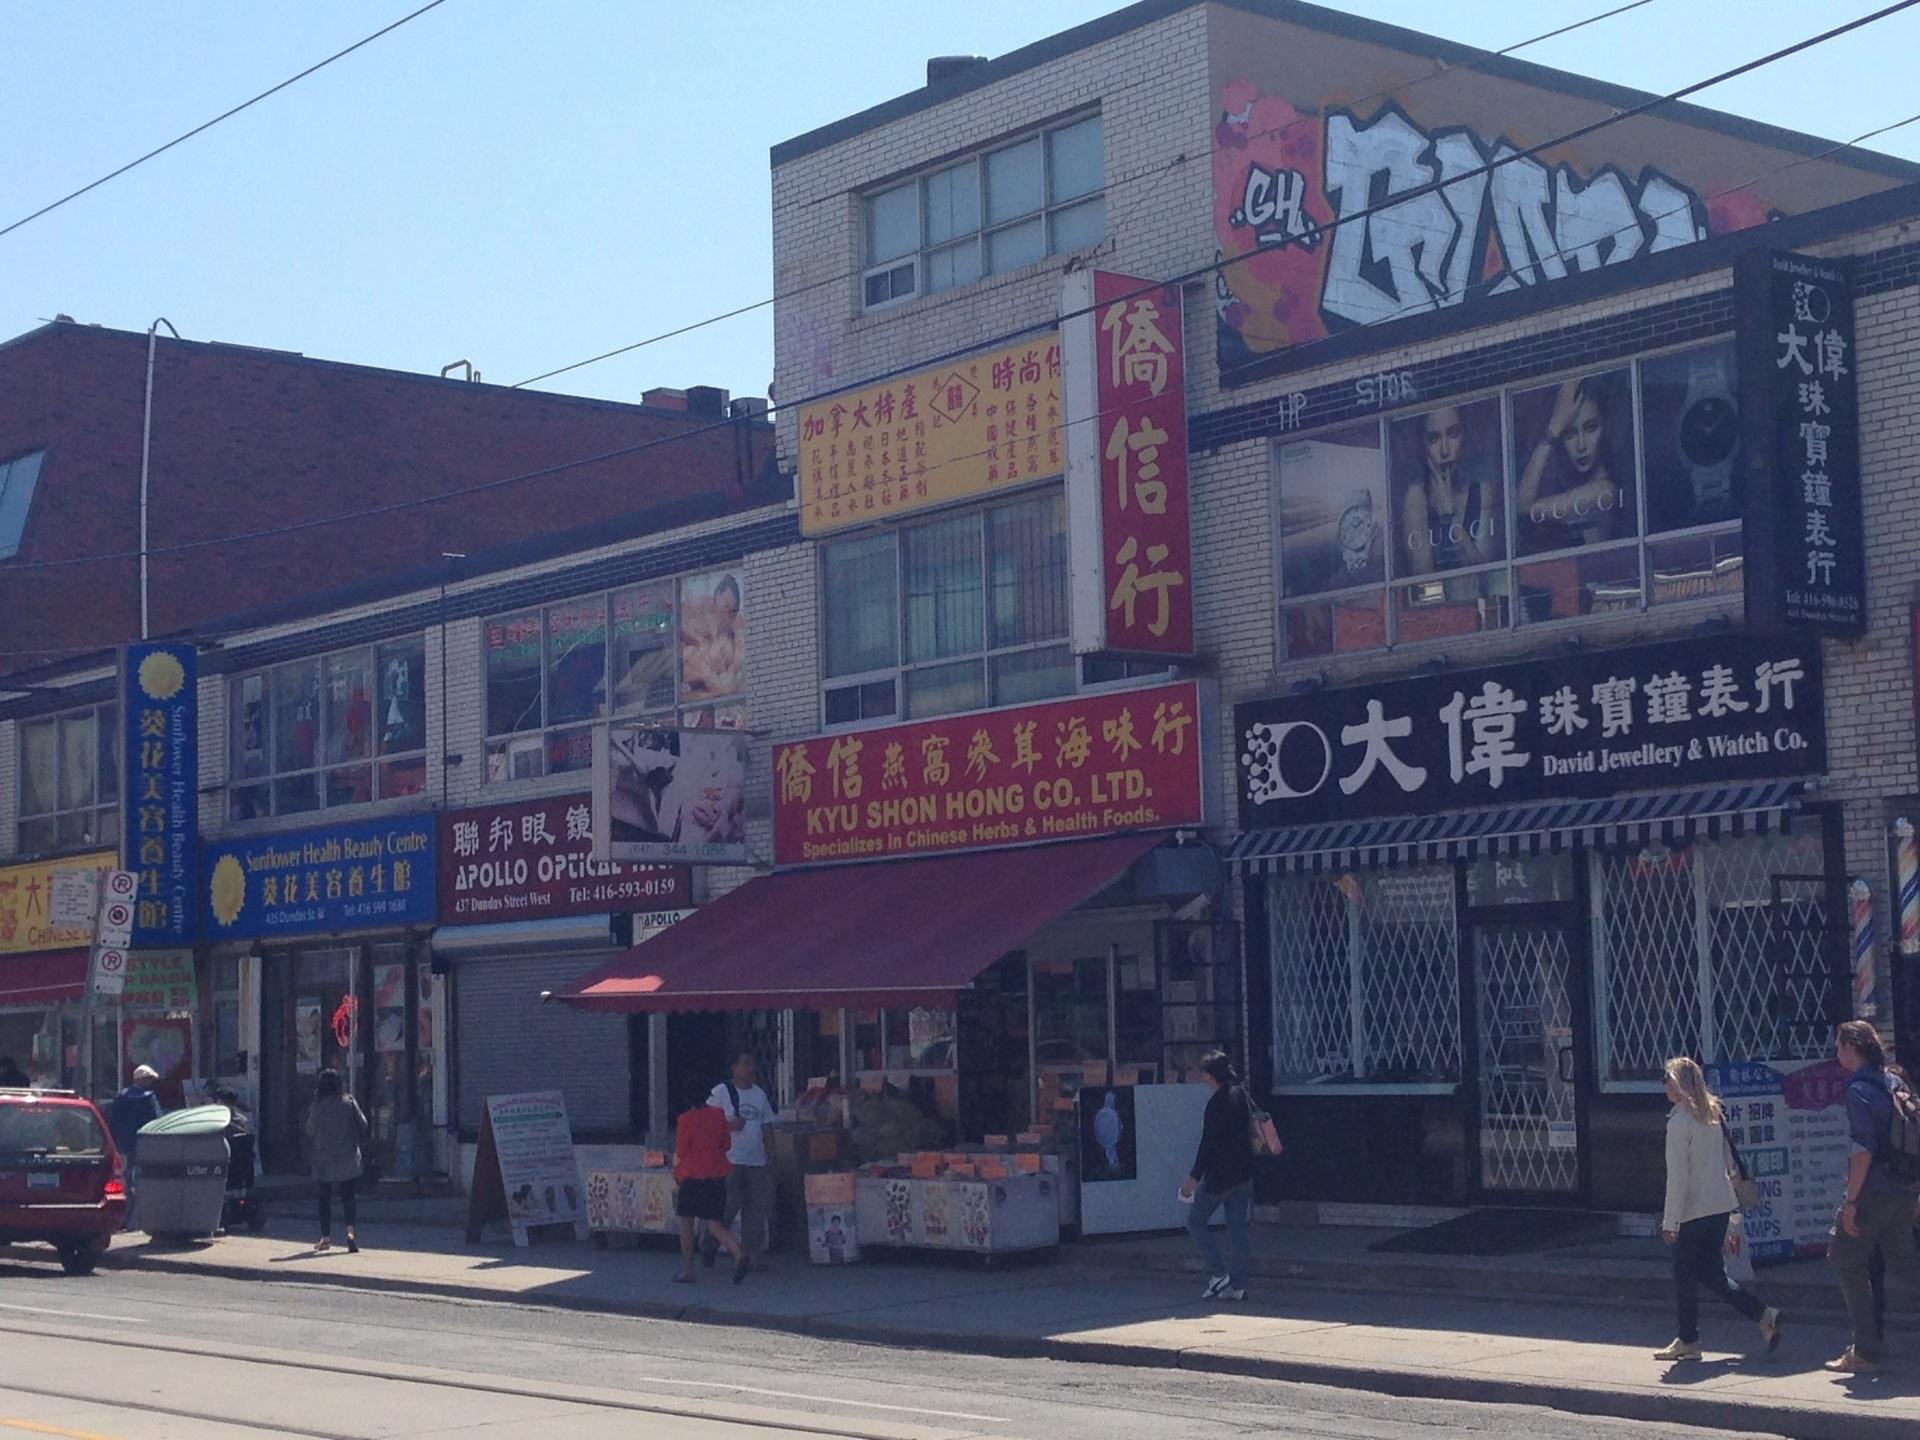 Muitas lojas na 25 de março de Toronto